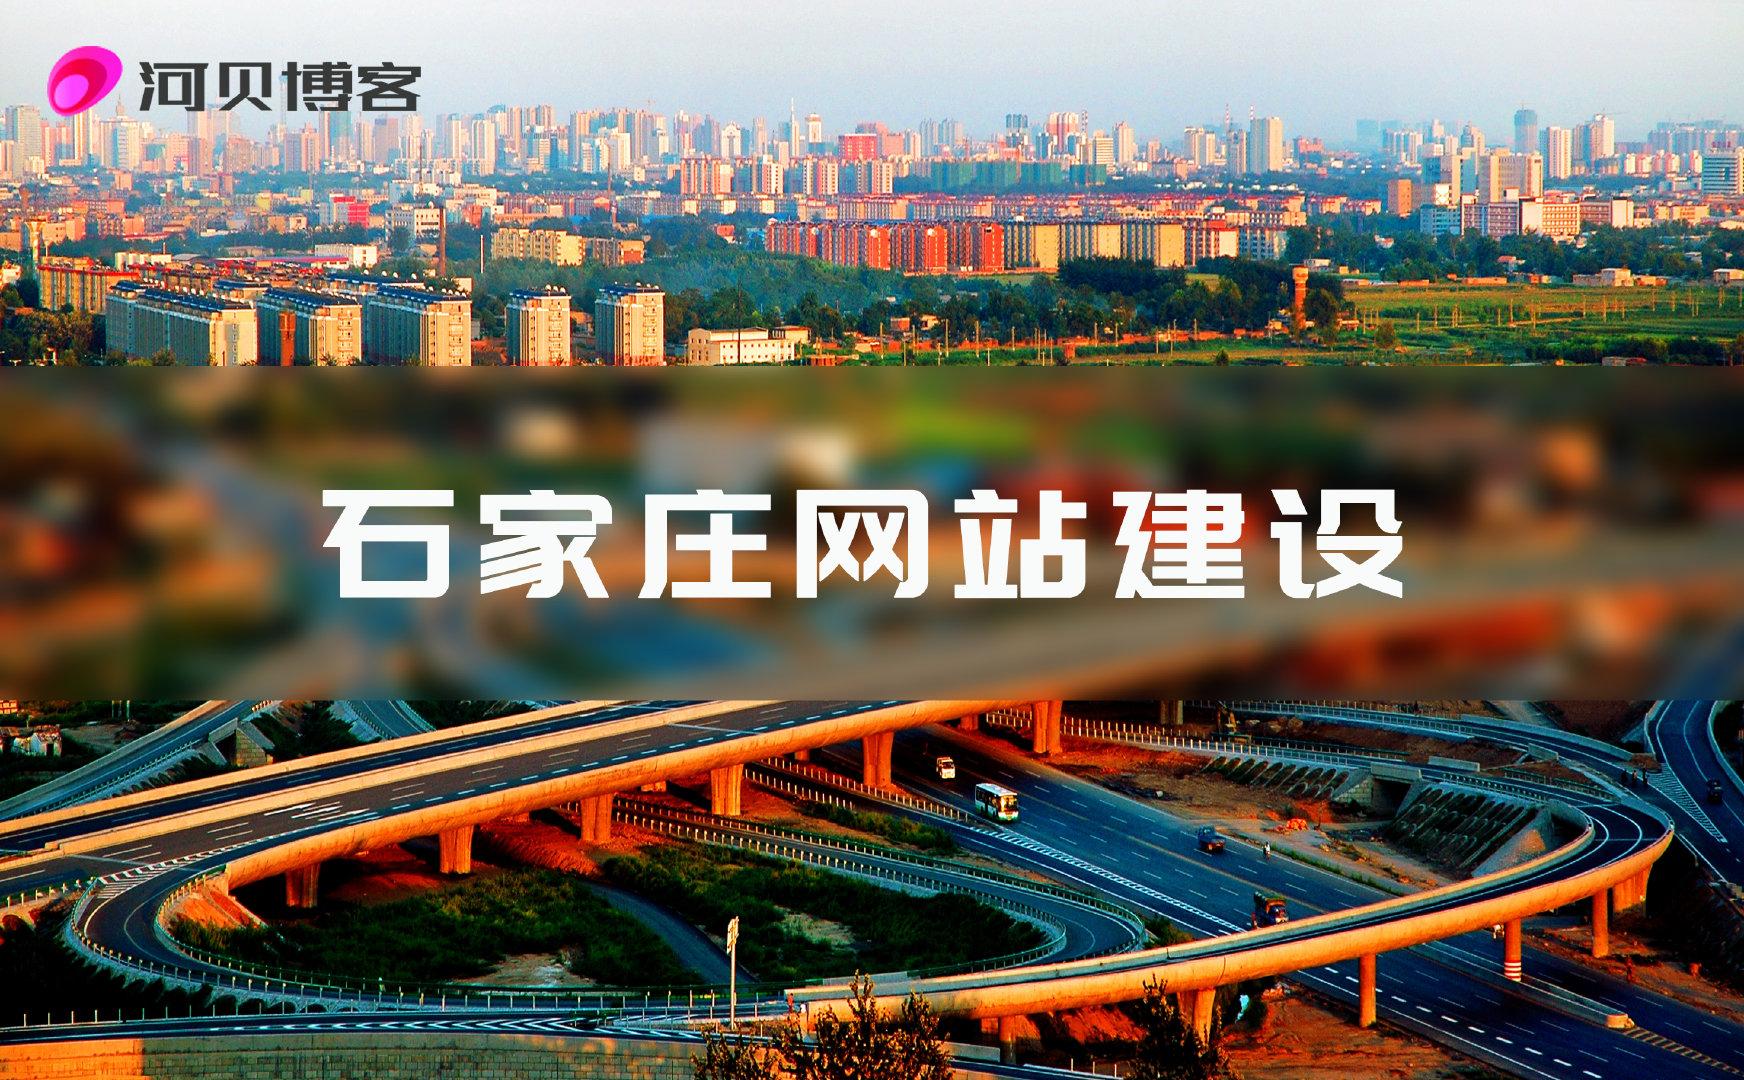 石家庄网站建设丨石家庄网站搭建_石家庄网站开发